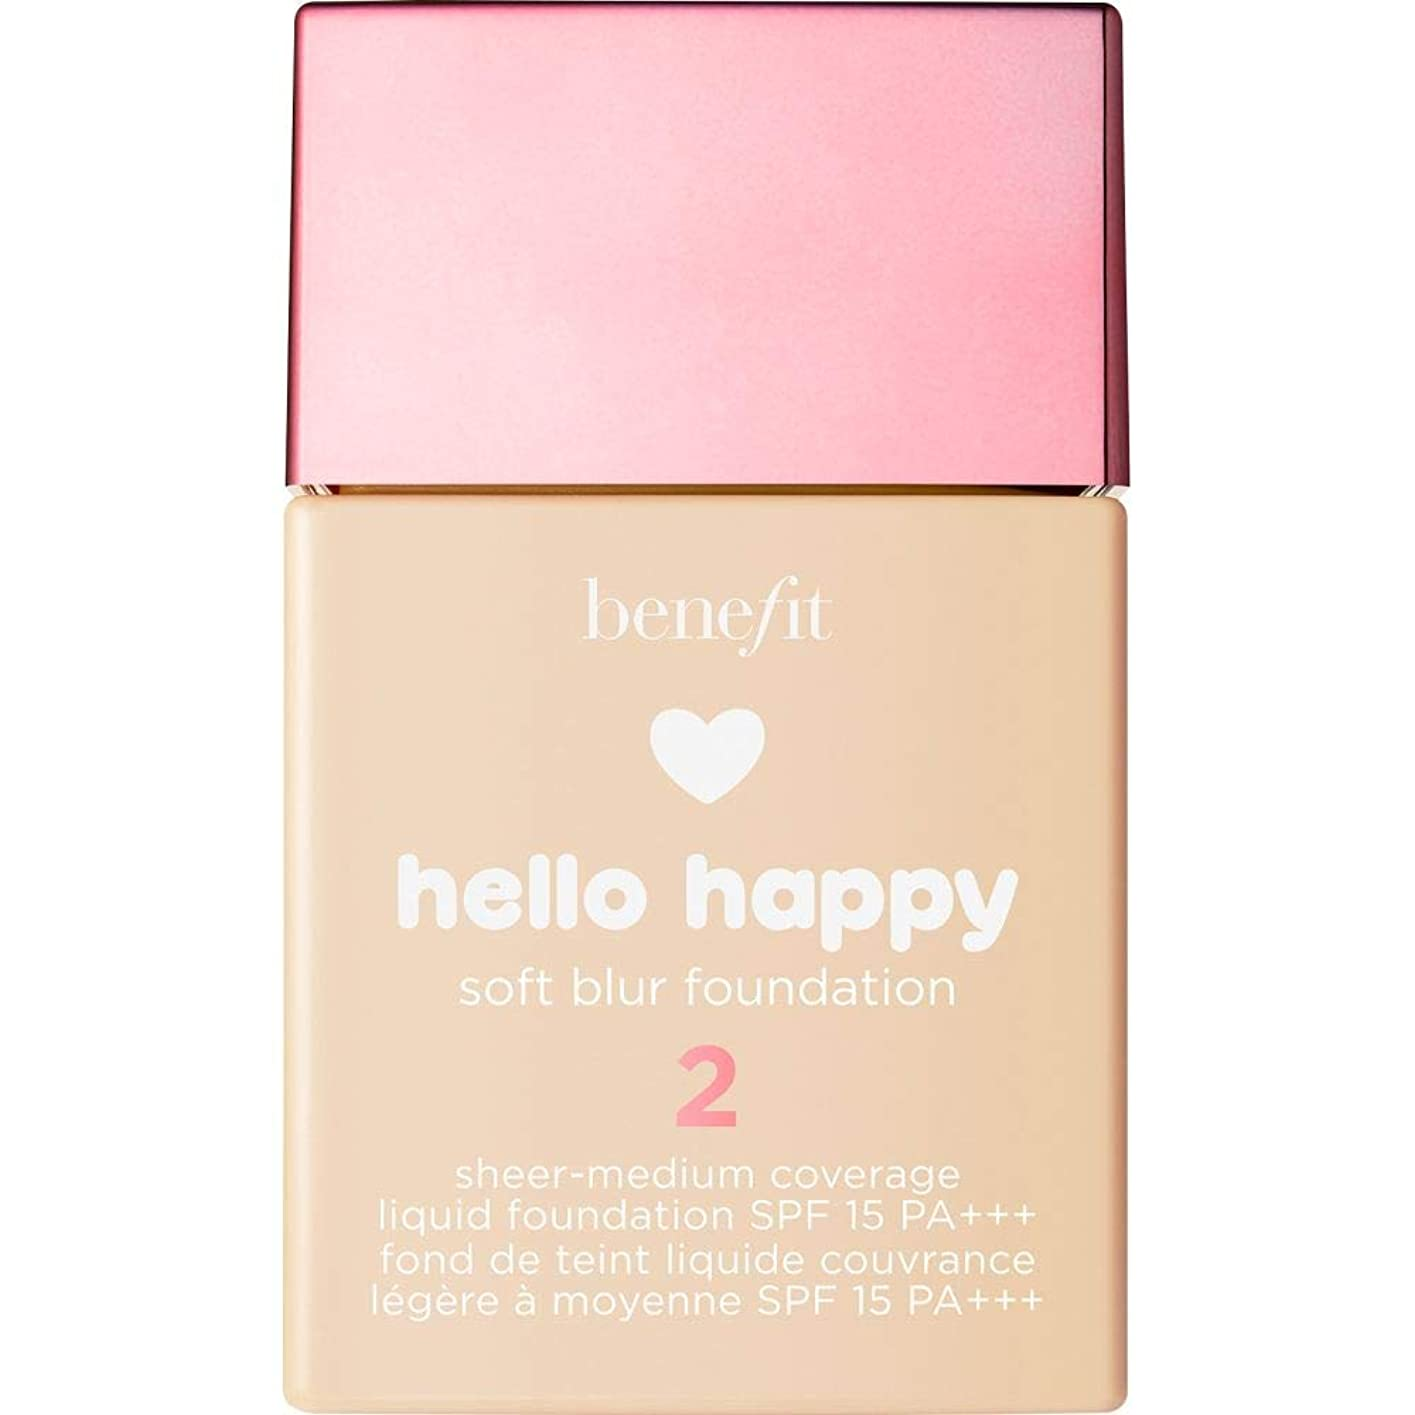 ウェイド甘やかすノベルティ[Benefit ] こんにちは幸せなソフトブラー基礎Spf15 30ミリリットル2に利益をもたらす - 暖かい光 - Benefit Hello Happy Soft Blur Foundation SPF15 30ml 2 - Light Warm [並行輸入品]